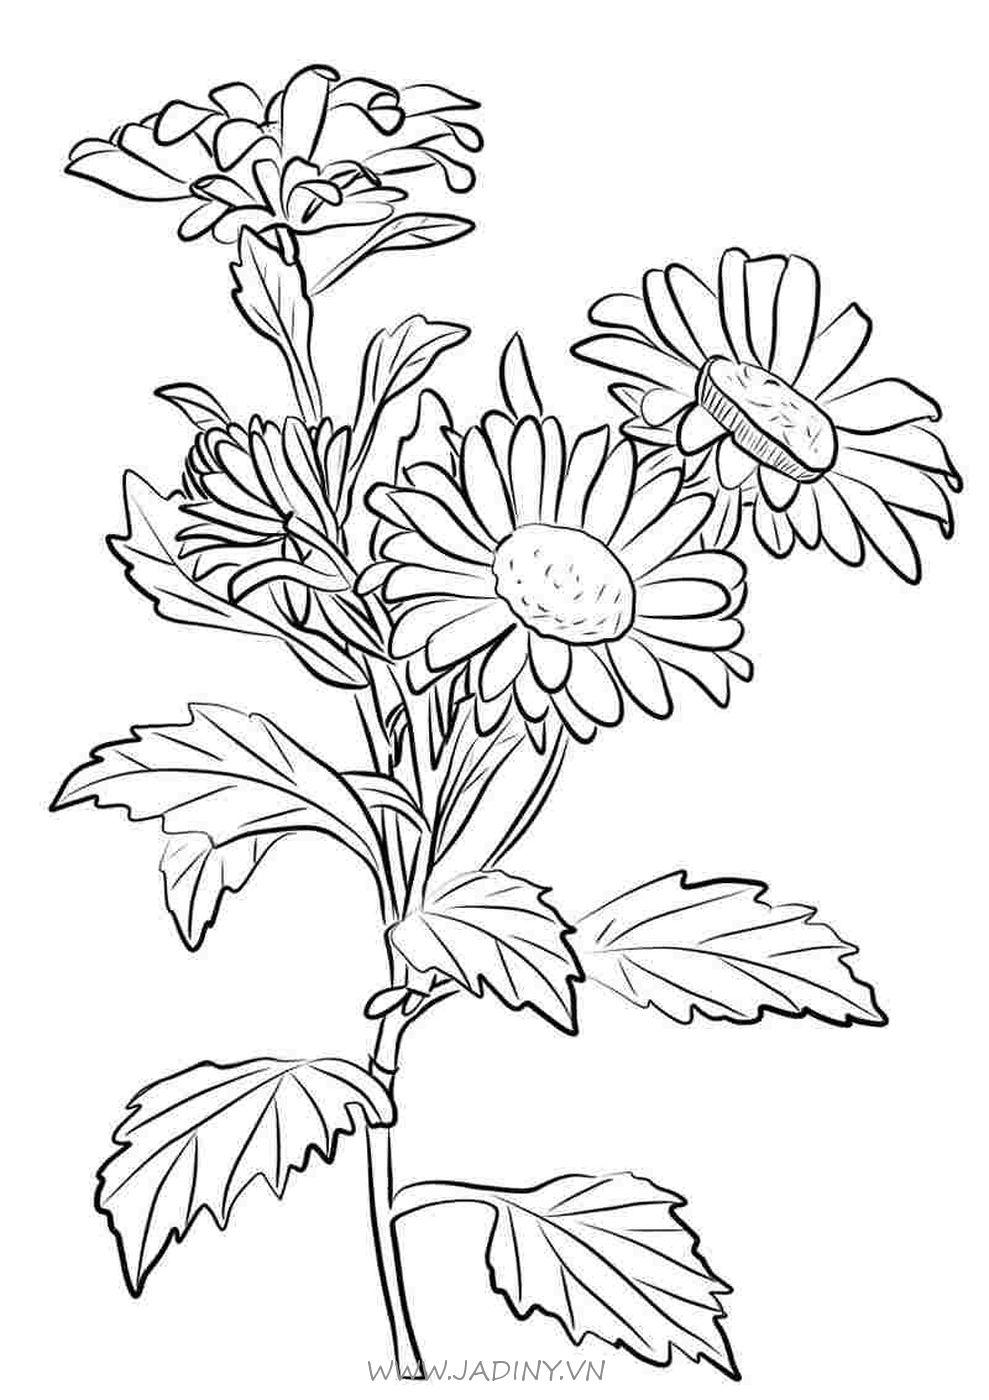 Tranh tô màu cành hoa cúc